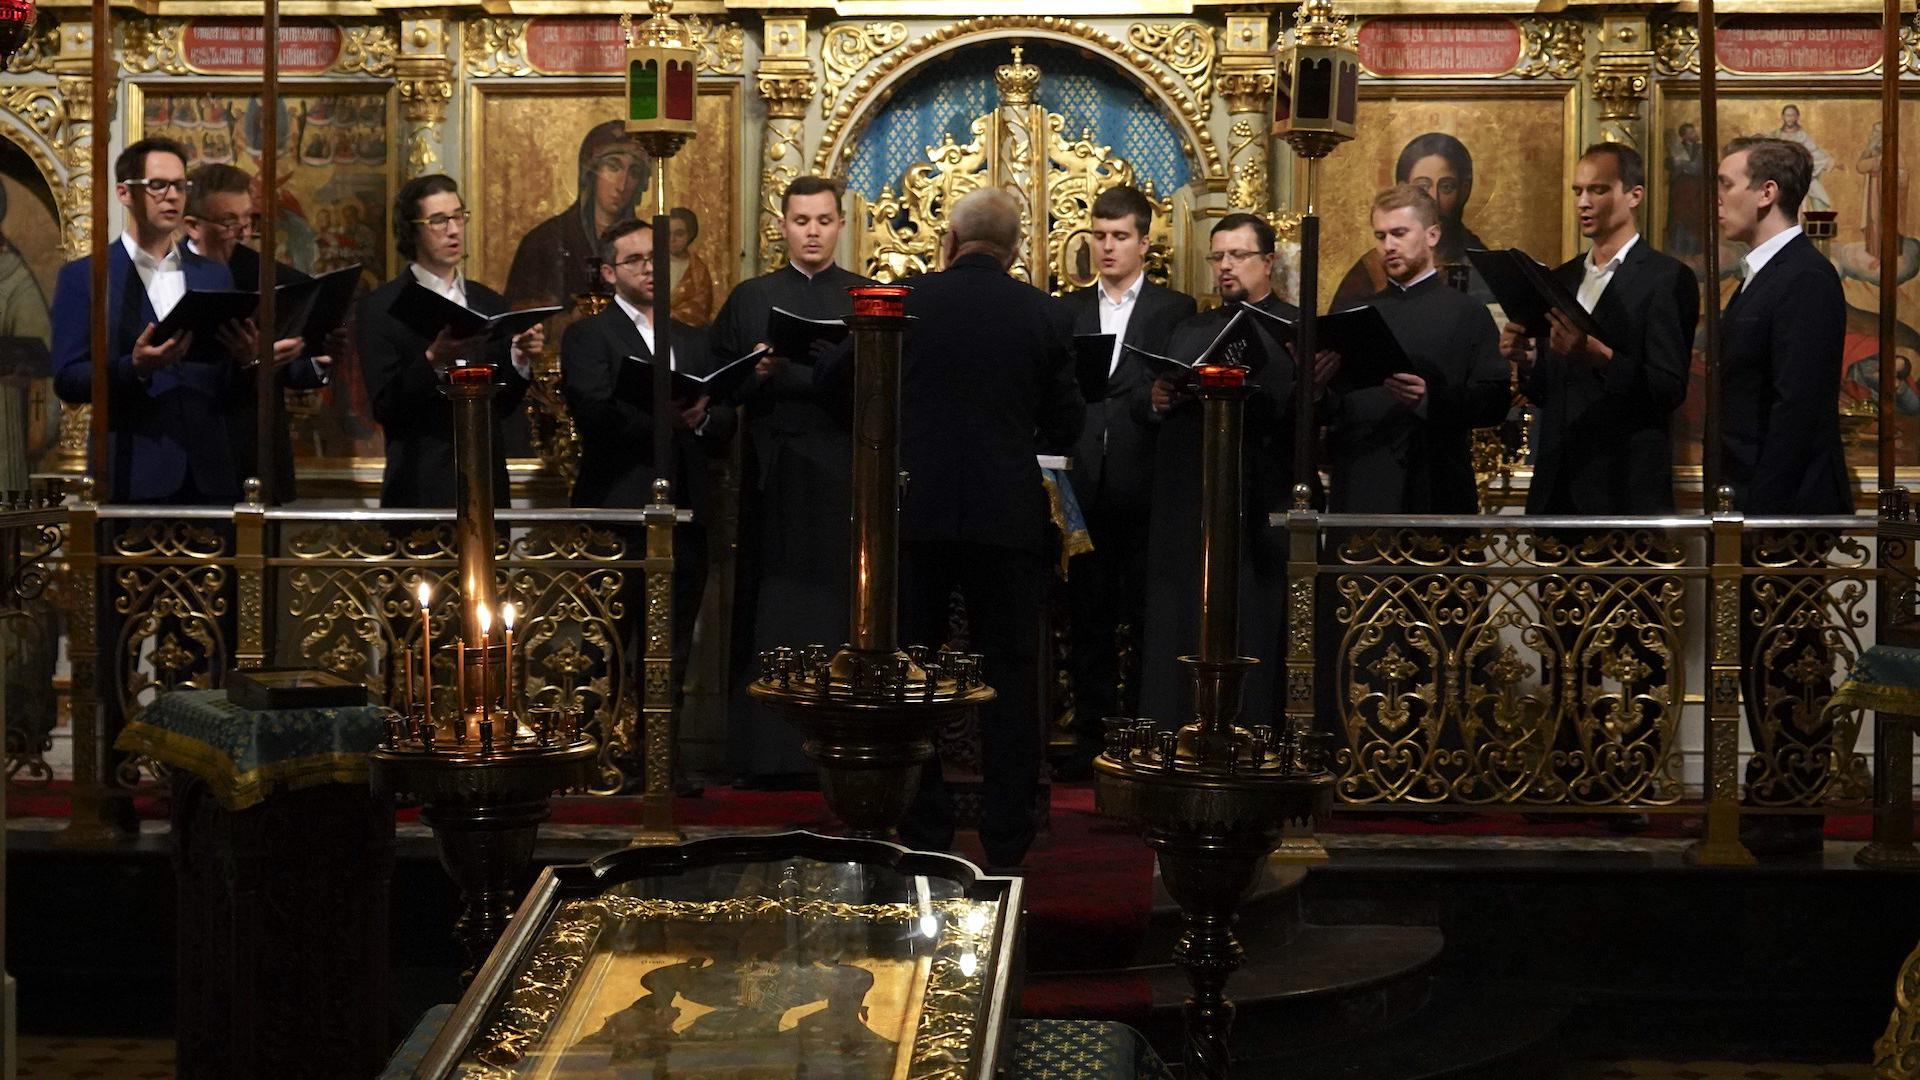 Kameralny Chór Męski Chrześcijańskiej Akademii Teologicznej w Warszawie pod dyrekcją Włodzimierza Wołosiuka